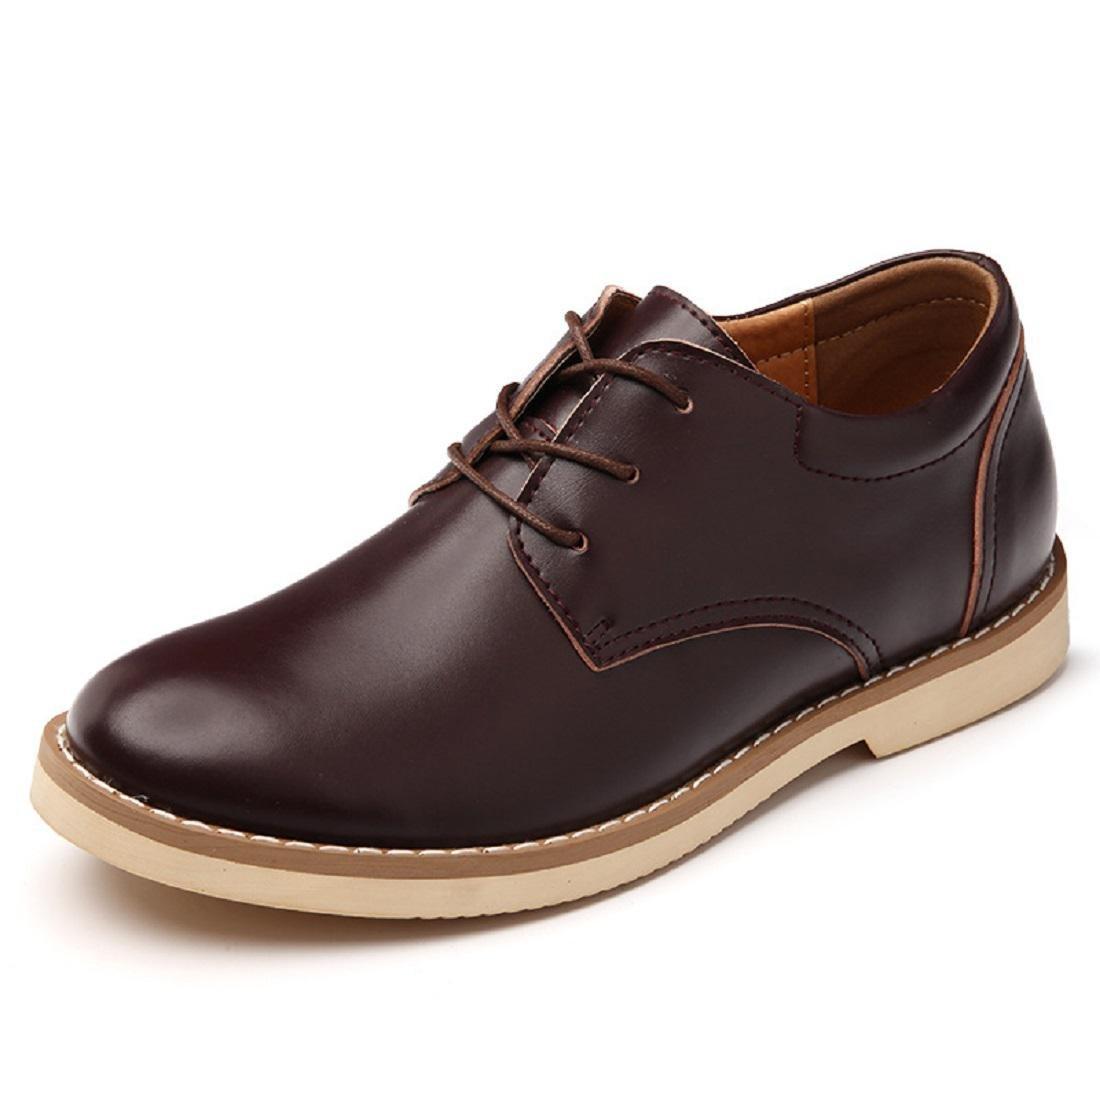 Herren Winter Warm halten Freizeit Lederschuhe Mode Flache Schuhe Schuhe erhöhen Rutschfest Gemütlich EUR GRÖSSE 38-44